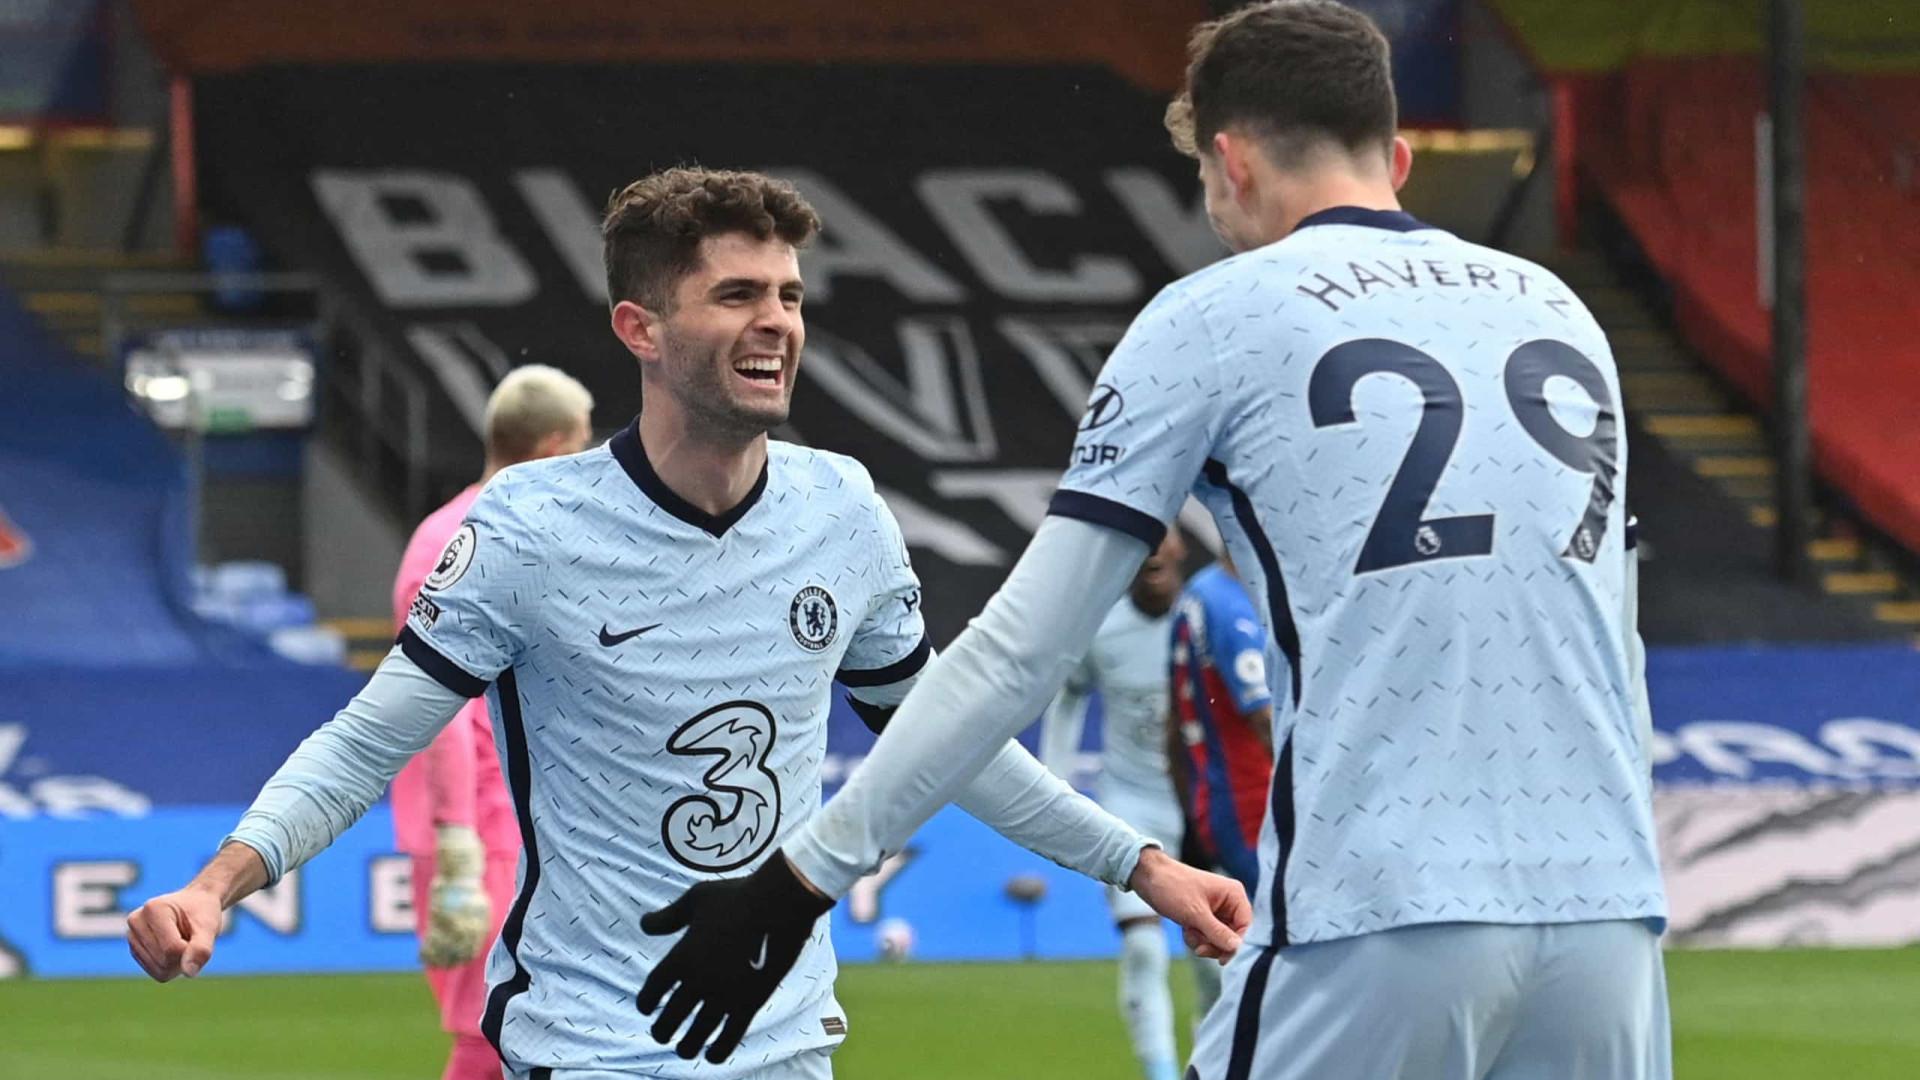 Com dois de Pulisic, Chelsea decide no 1º tempo e goleia Crystal Palace no Inglês